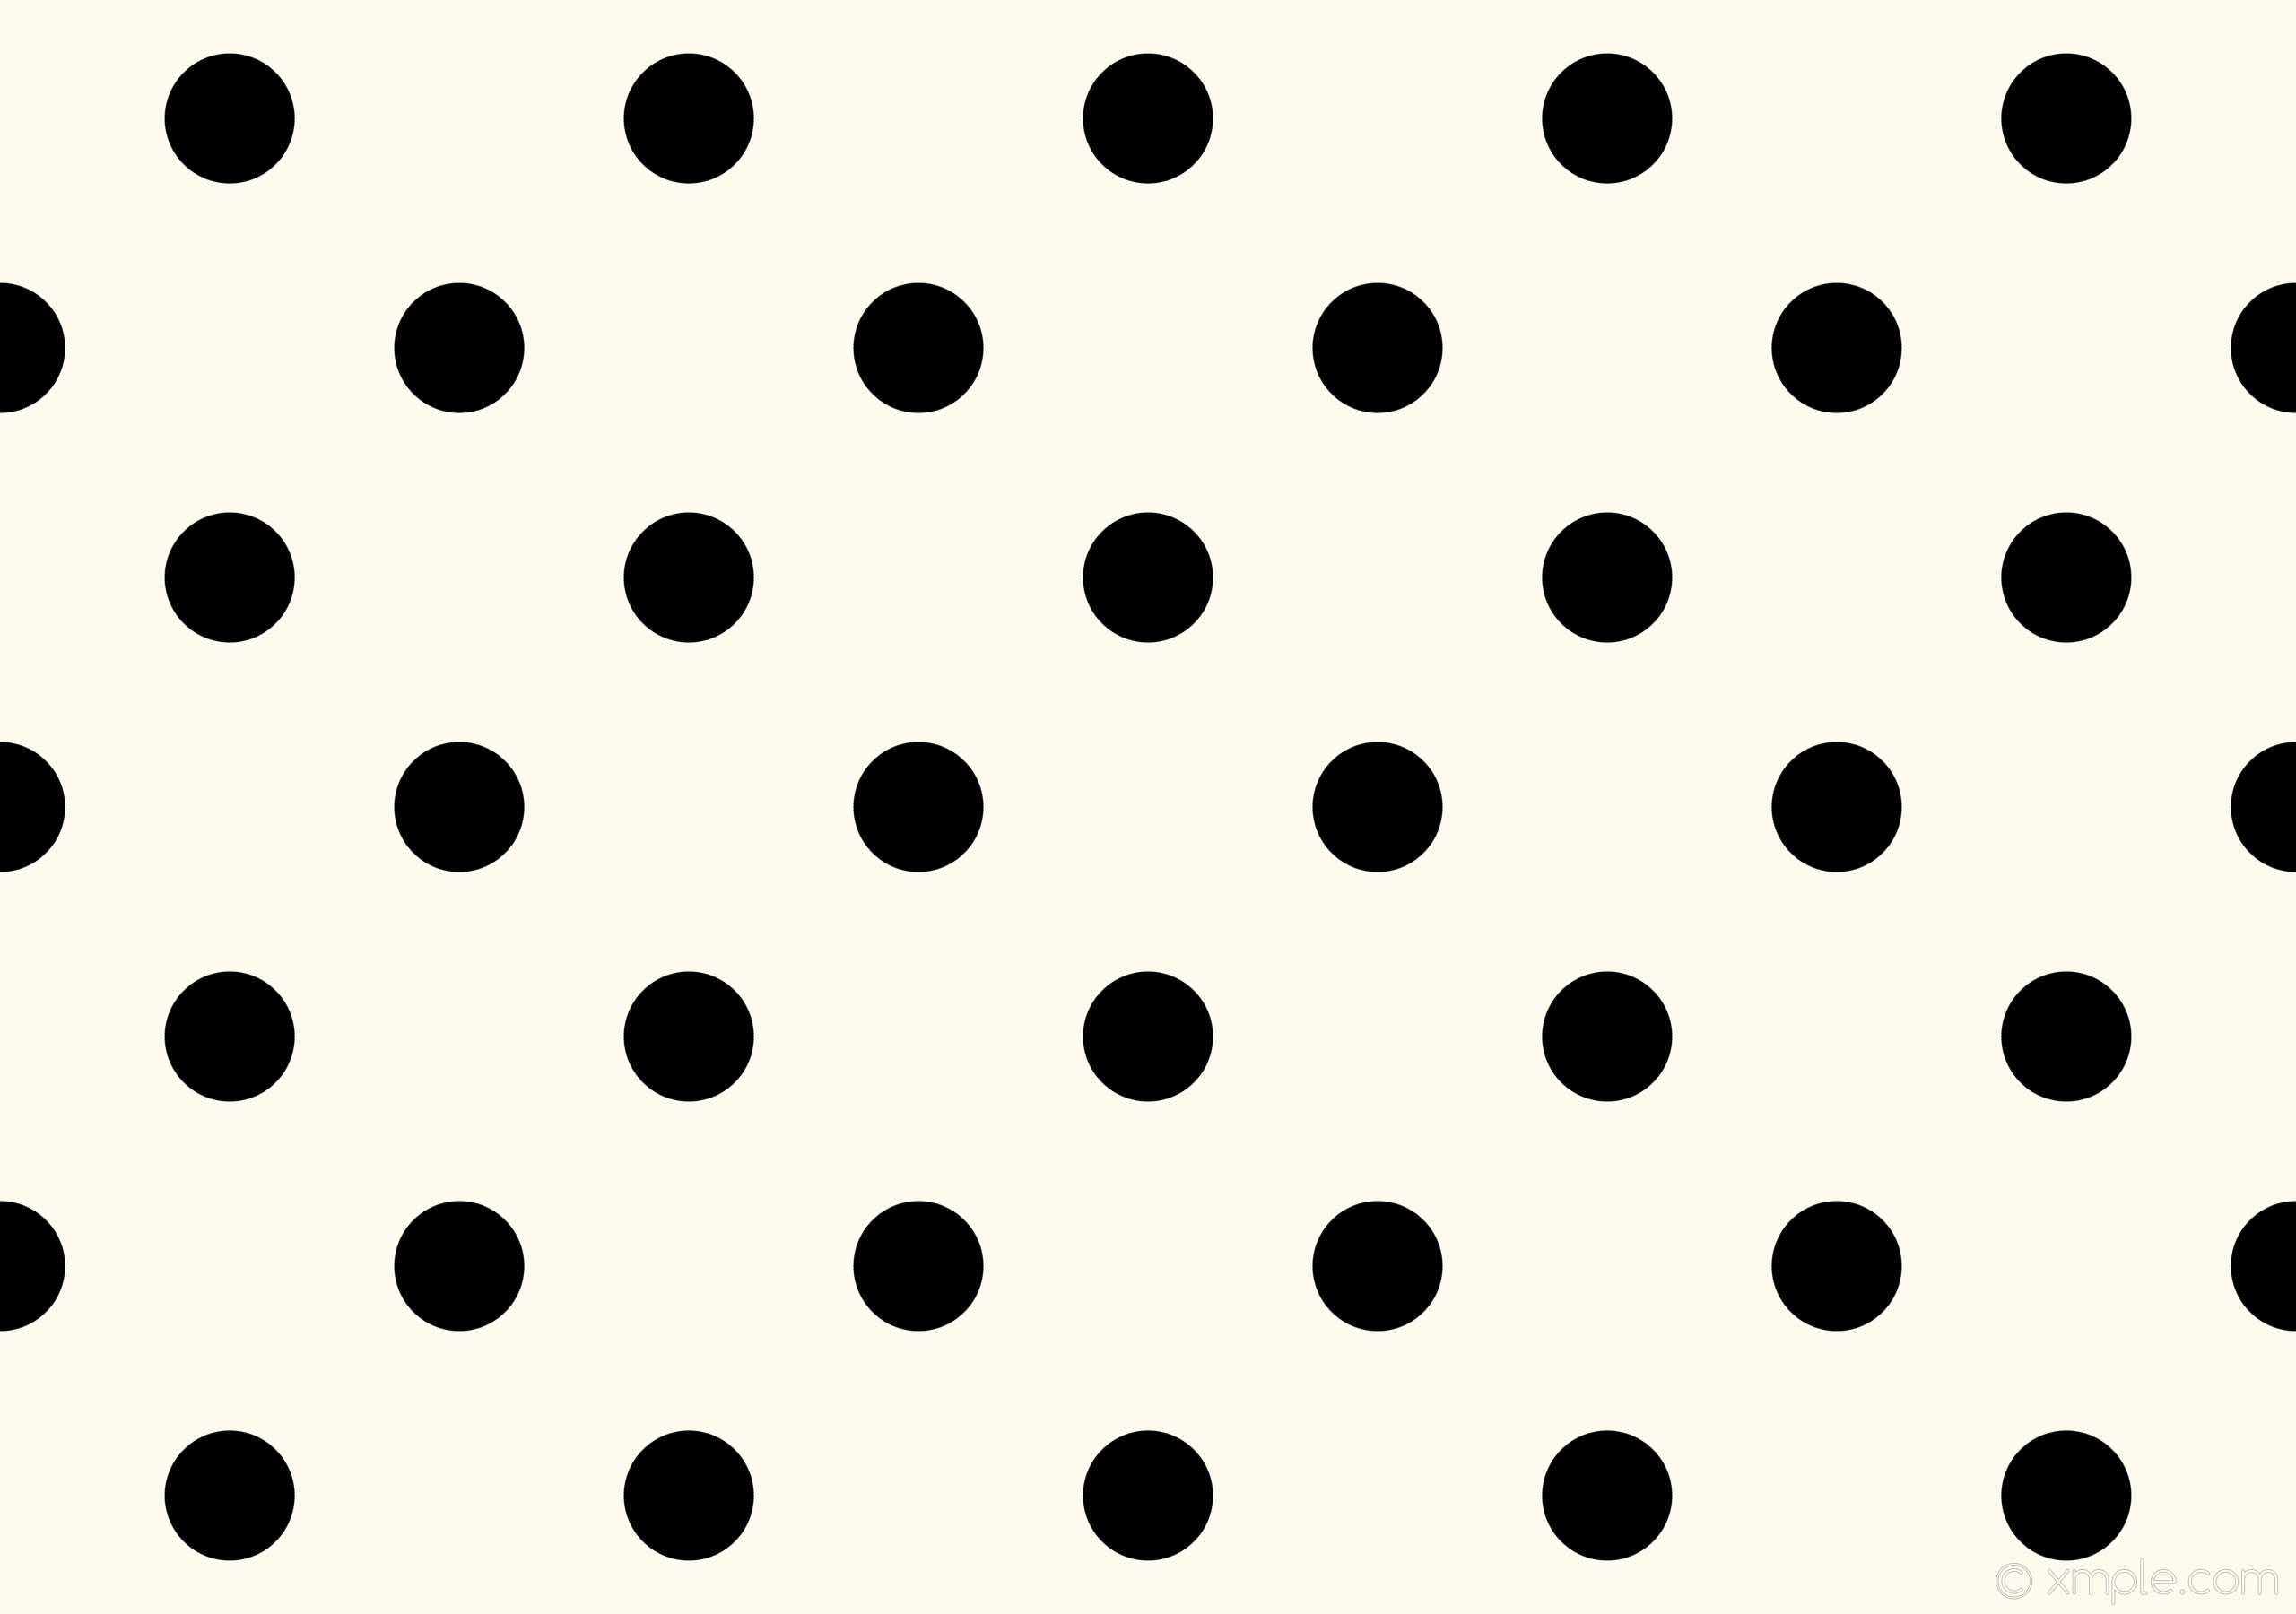 Wallpaper polka dots black white spots #fffaf0 #000000 225° 145px 362px